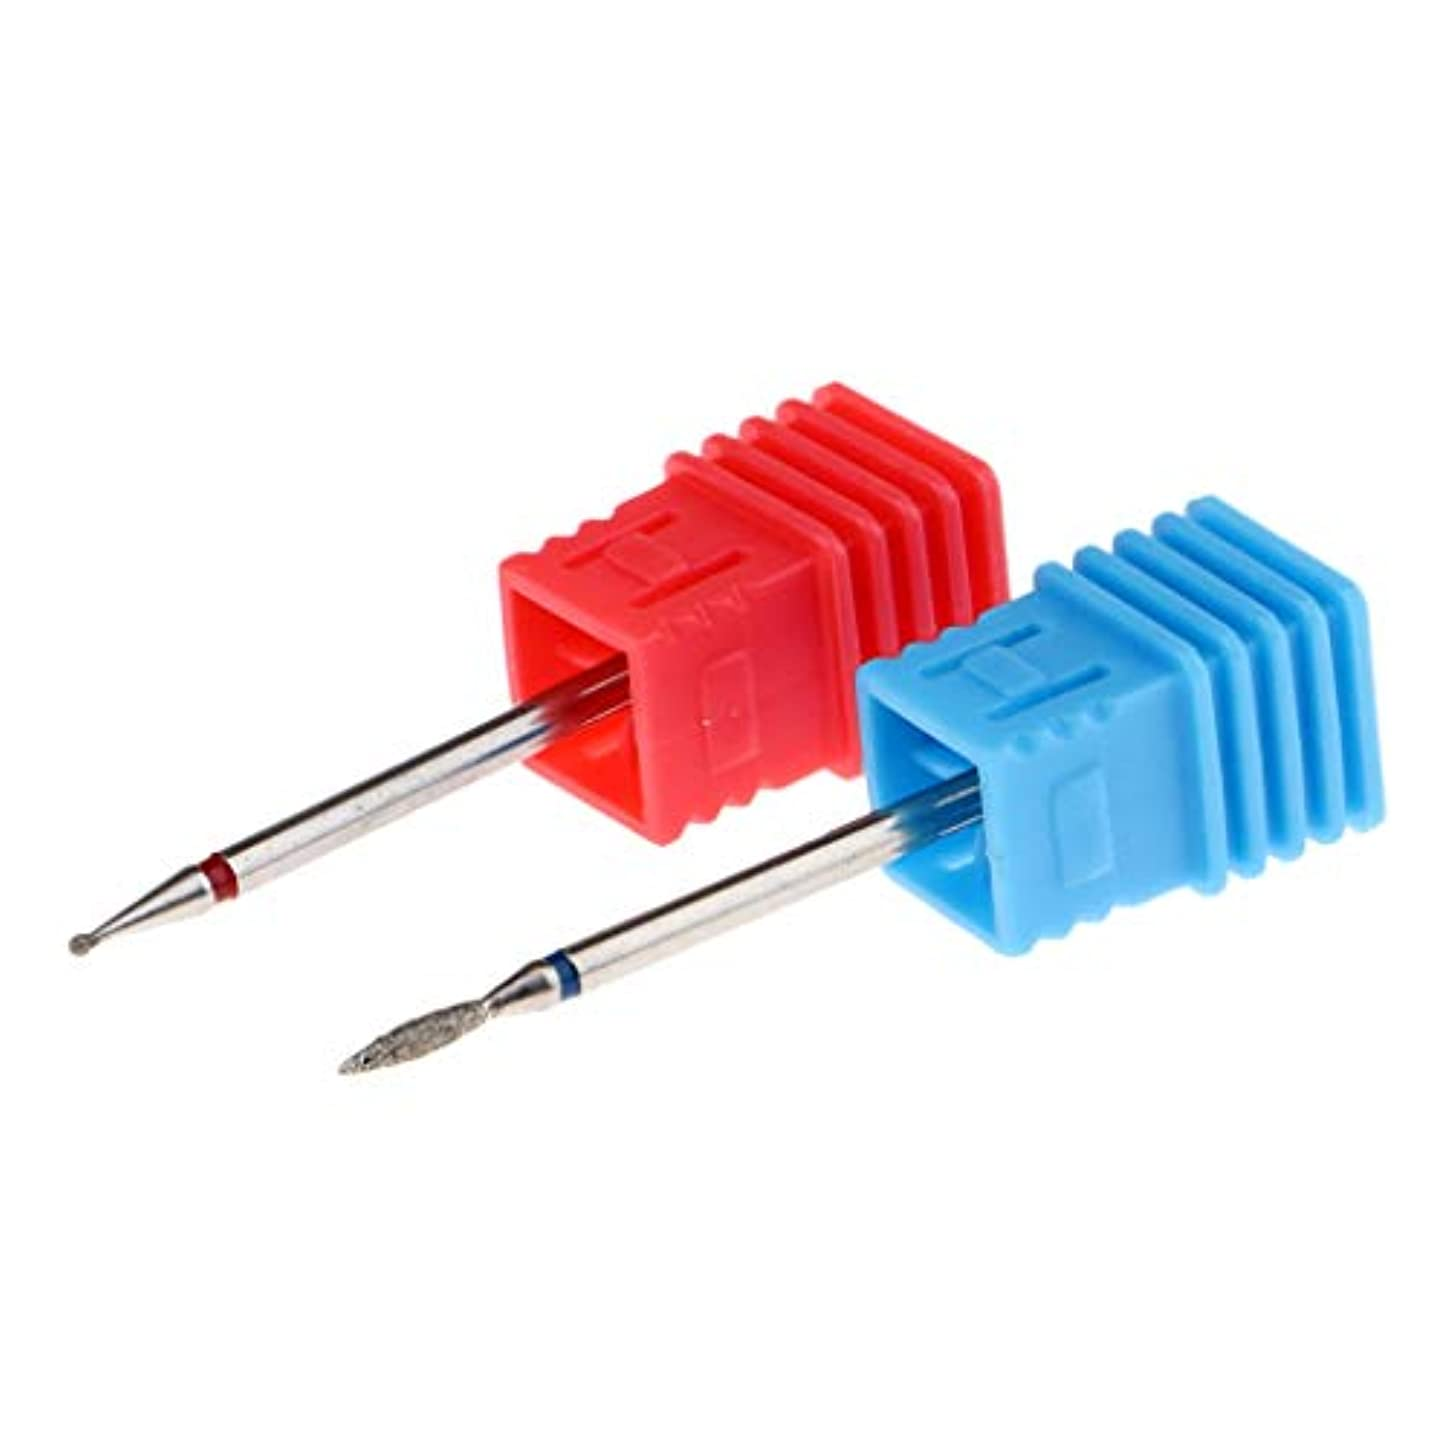 忠実通信網アウターネイルドリル ネイルオフ 電動ネイルマシーン用 超硬 耐久性 2本セット 9色選択 - 03